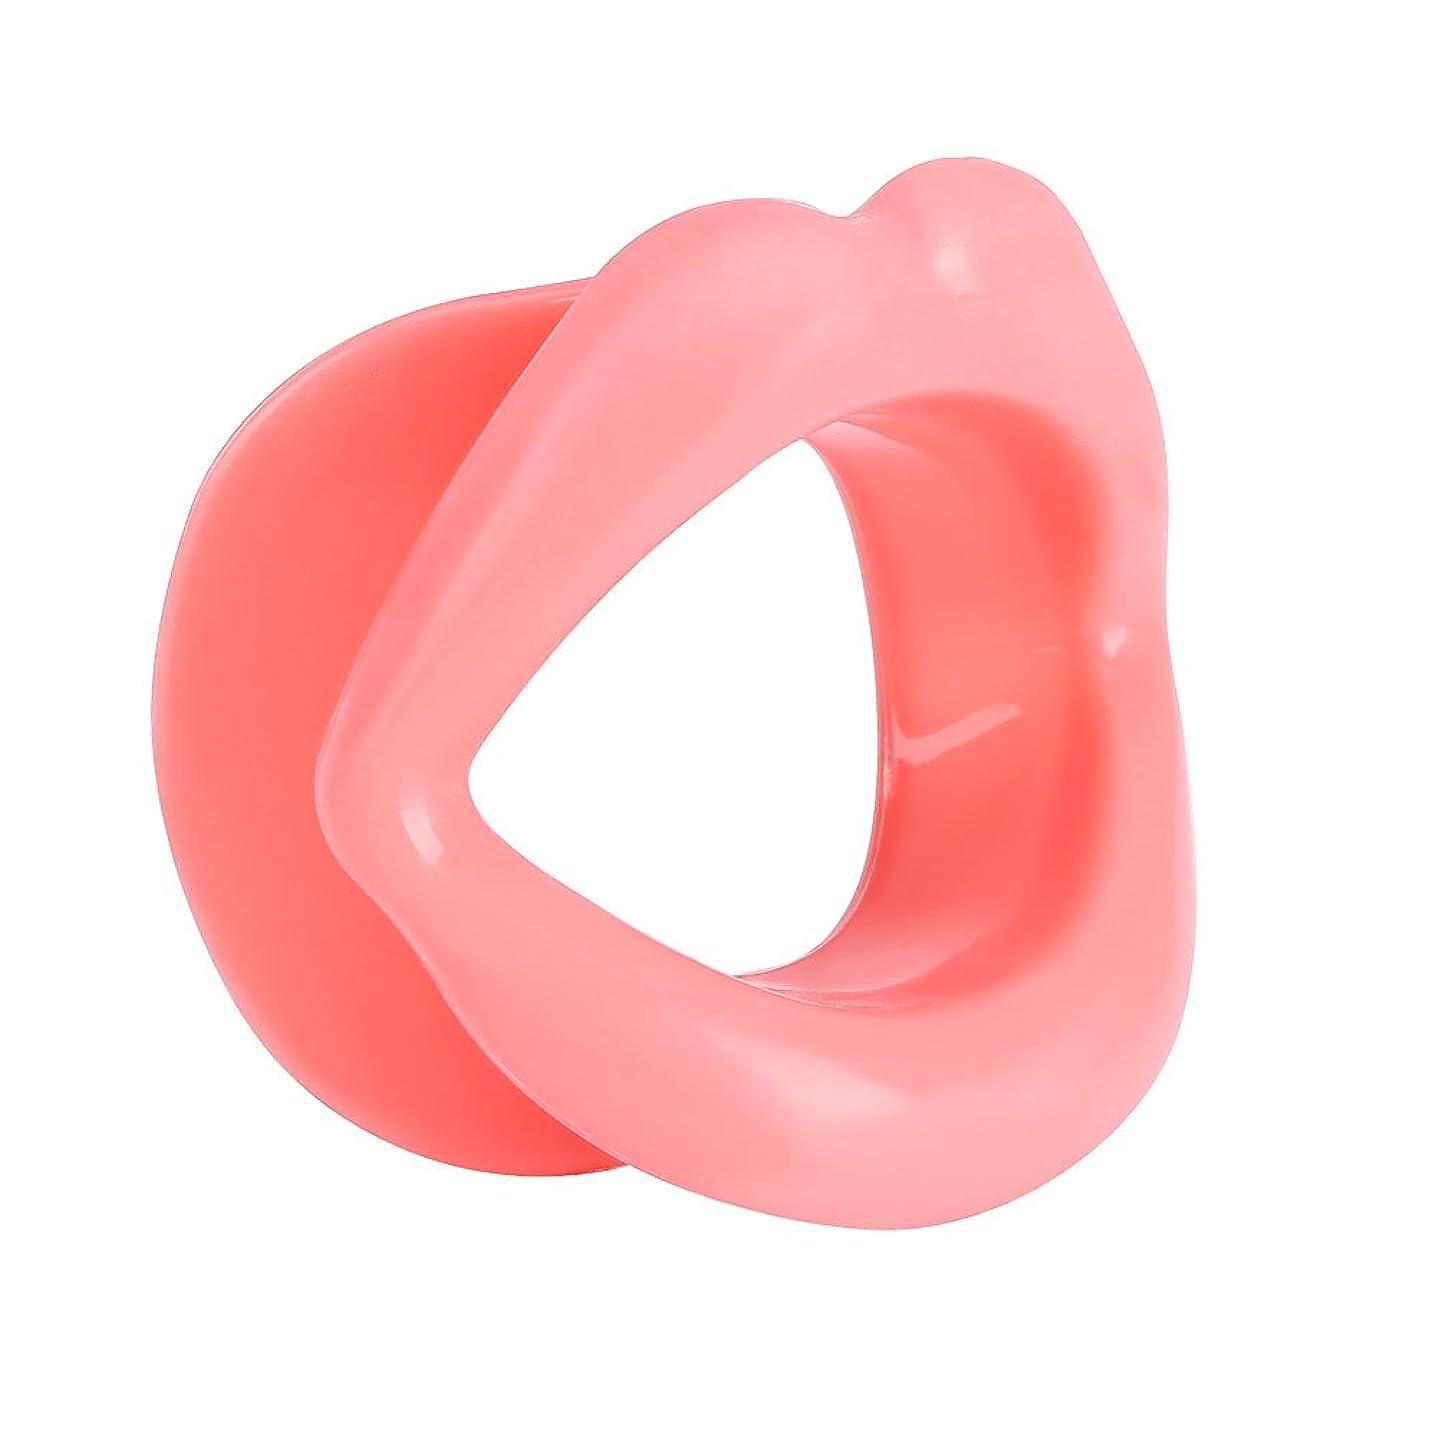 段落ロビーさびたリップトレーナー、シリコンフェイスリフティングエクササイズマウスの筋肉の締め具、しわ防止ツール